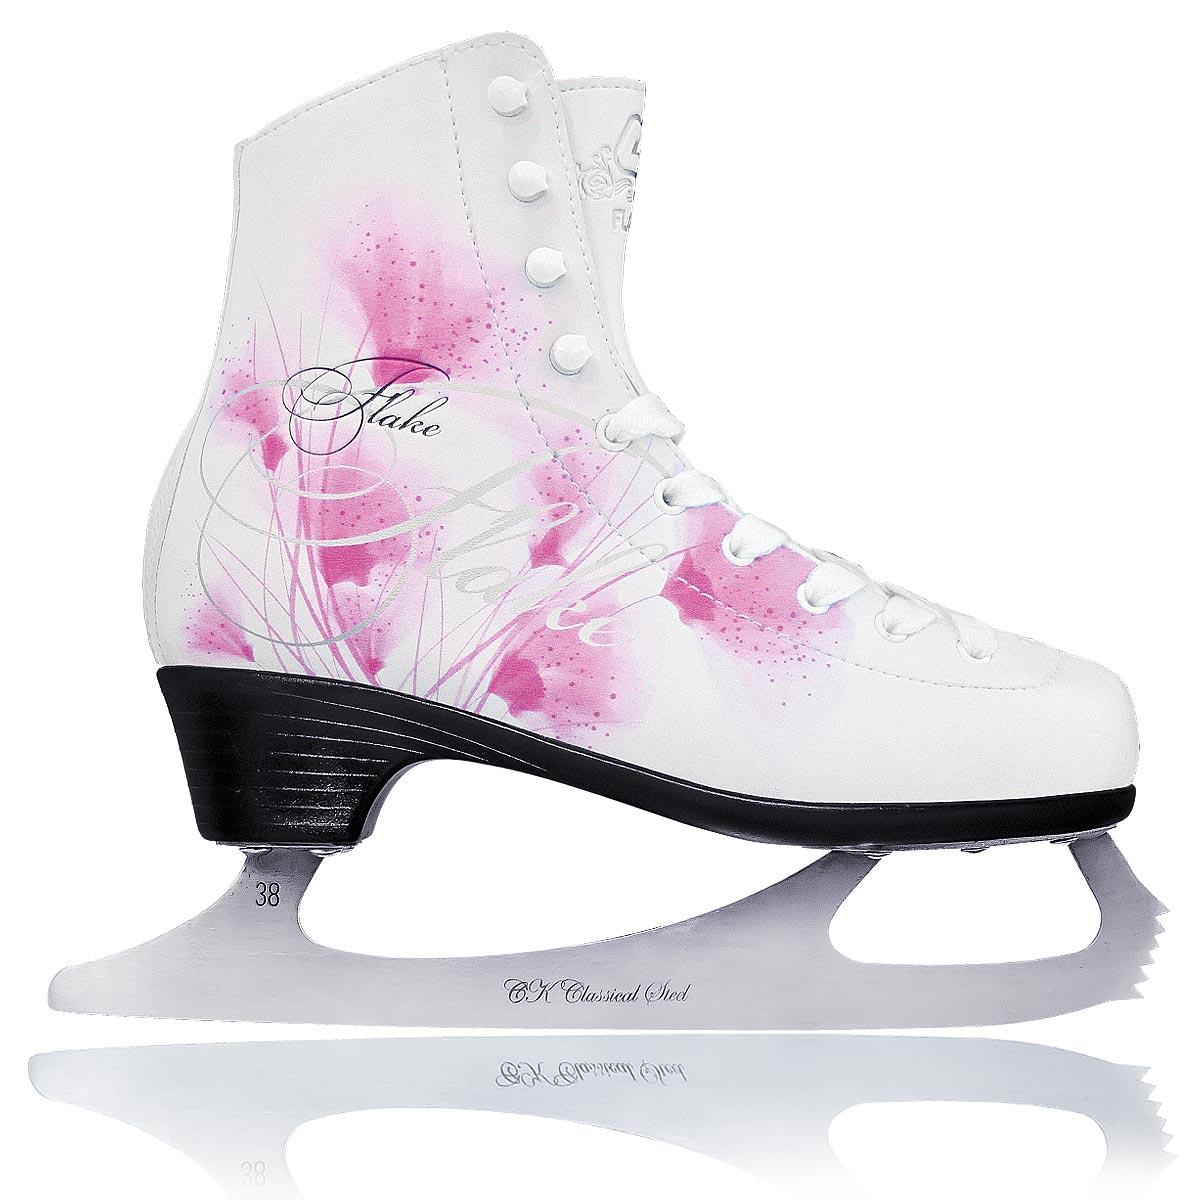 Коньки фигурные для девочки CK Flake Leather, цвет: белый, фуксия. Размер 33